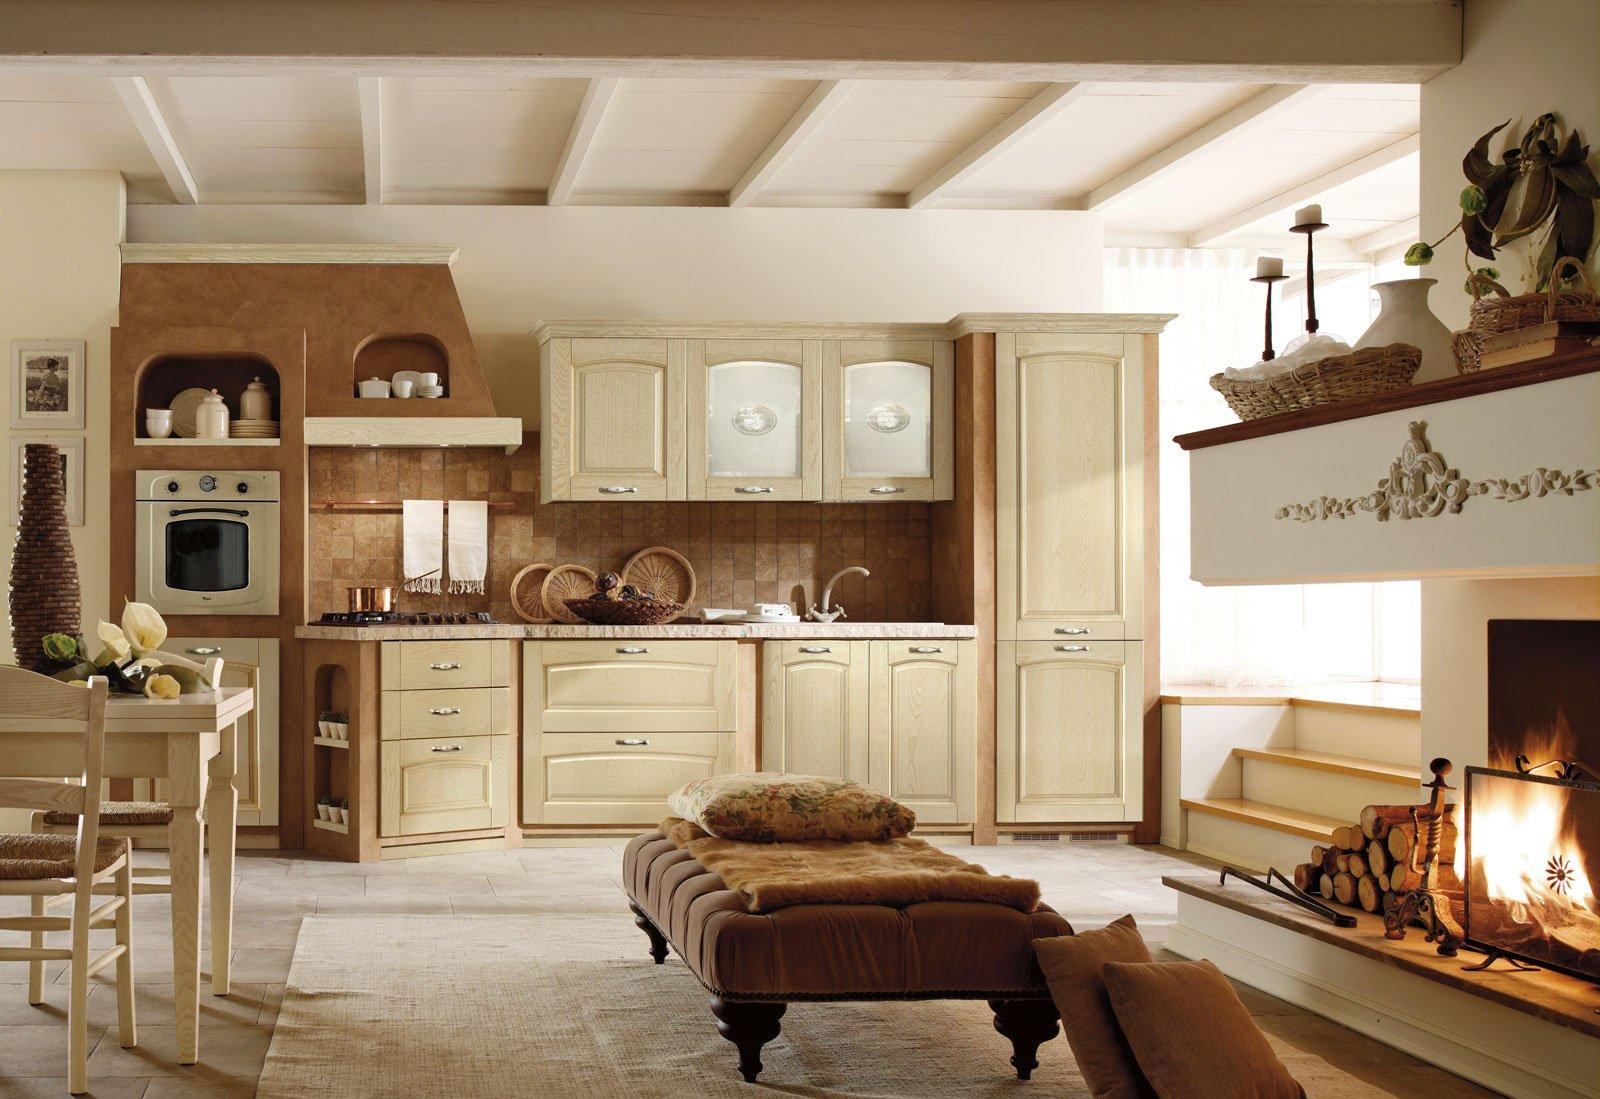 Cucine effetto muratura vera o finta cose di casa - Cappa cucina in muratura ...